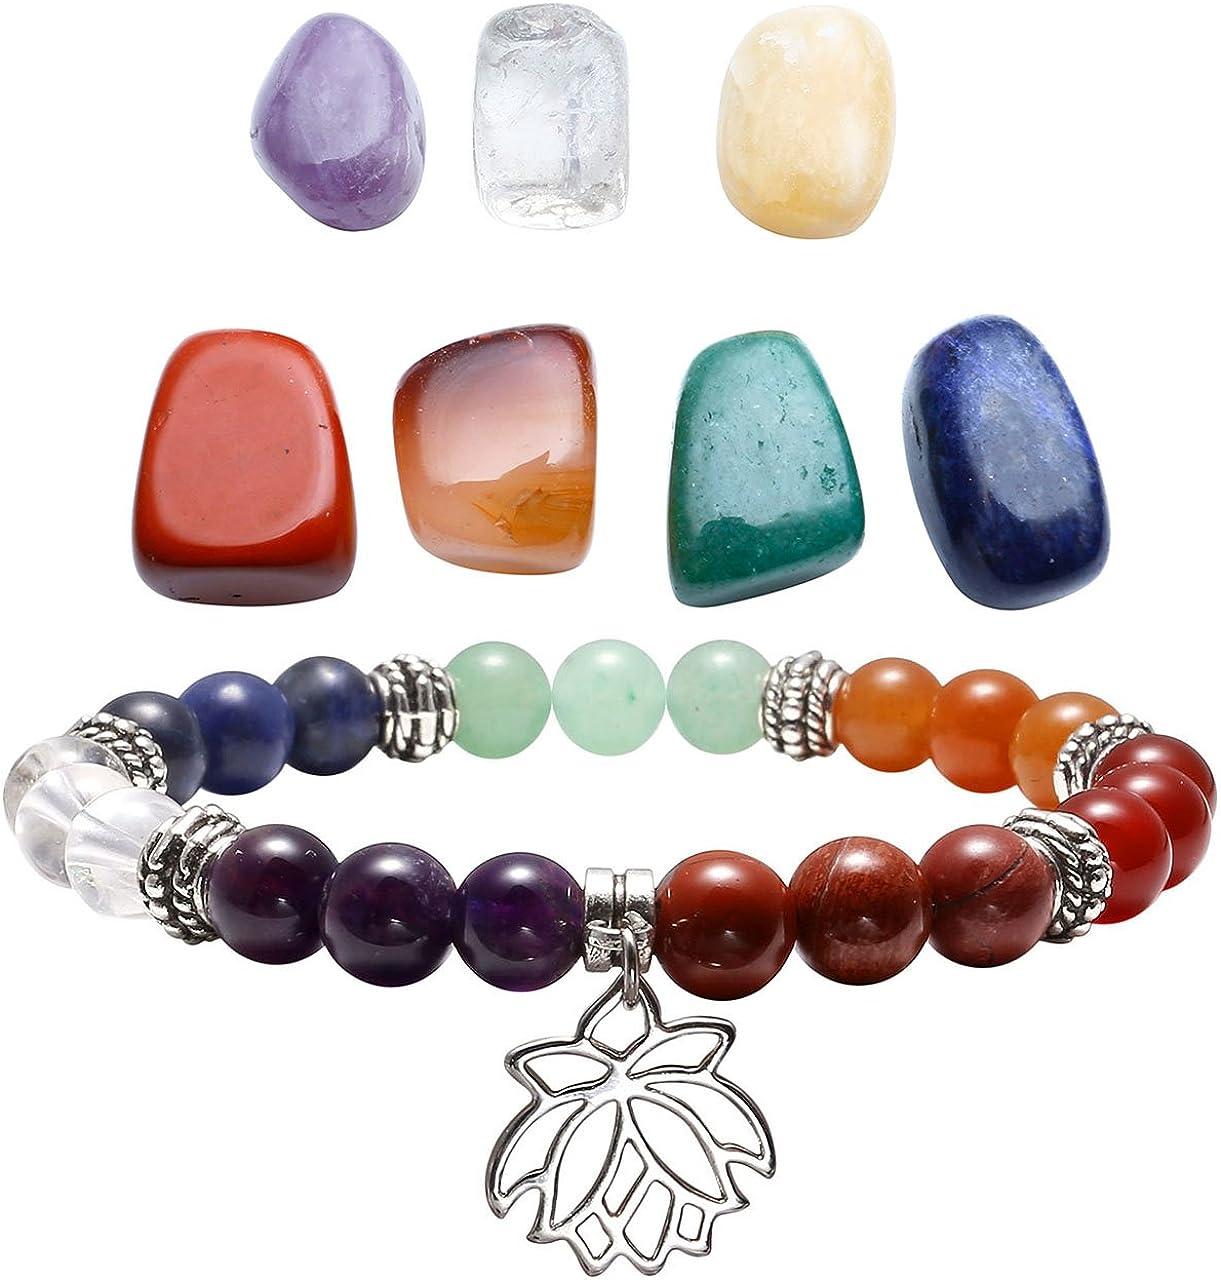 qgem joyas 7Chakra Healing piedras preciosas formlos Feng Shui Reiki Energía Terapia Yoga Decoración + Balance de Buda pulsera con Lotus Colgante para mujer hombre